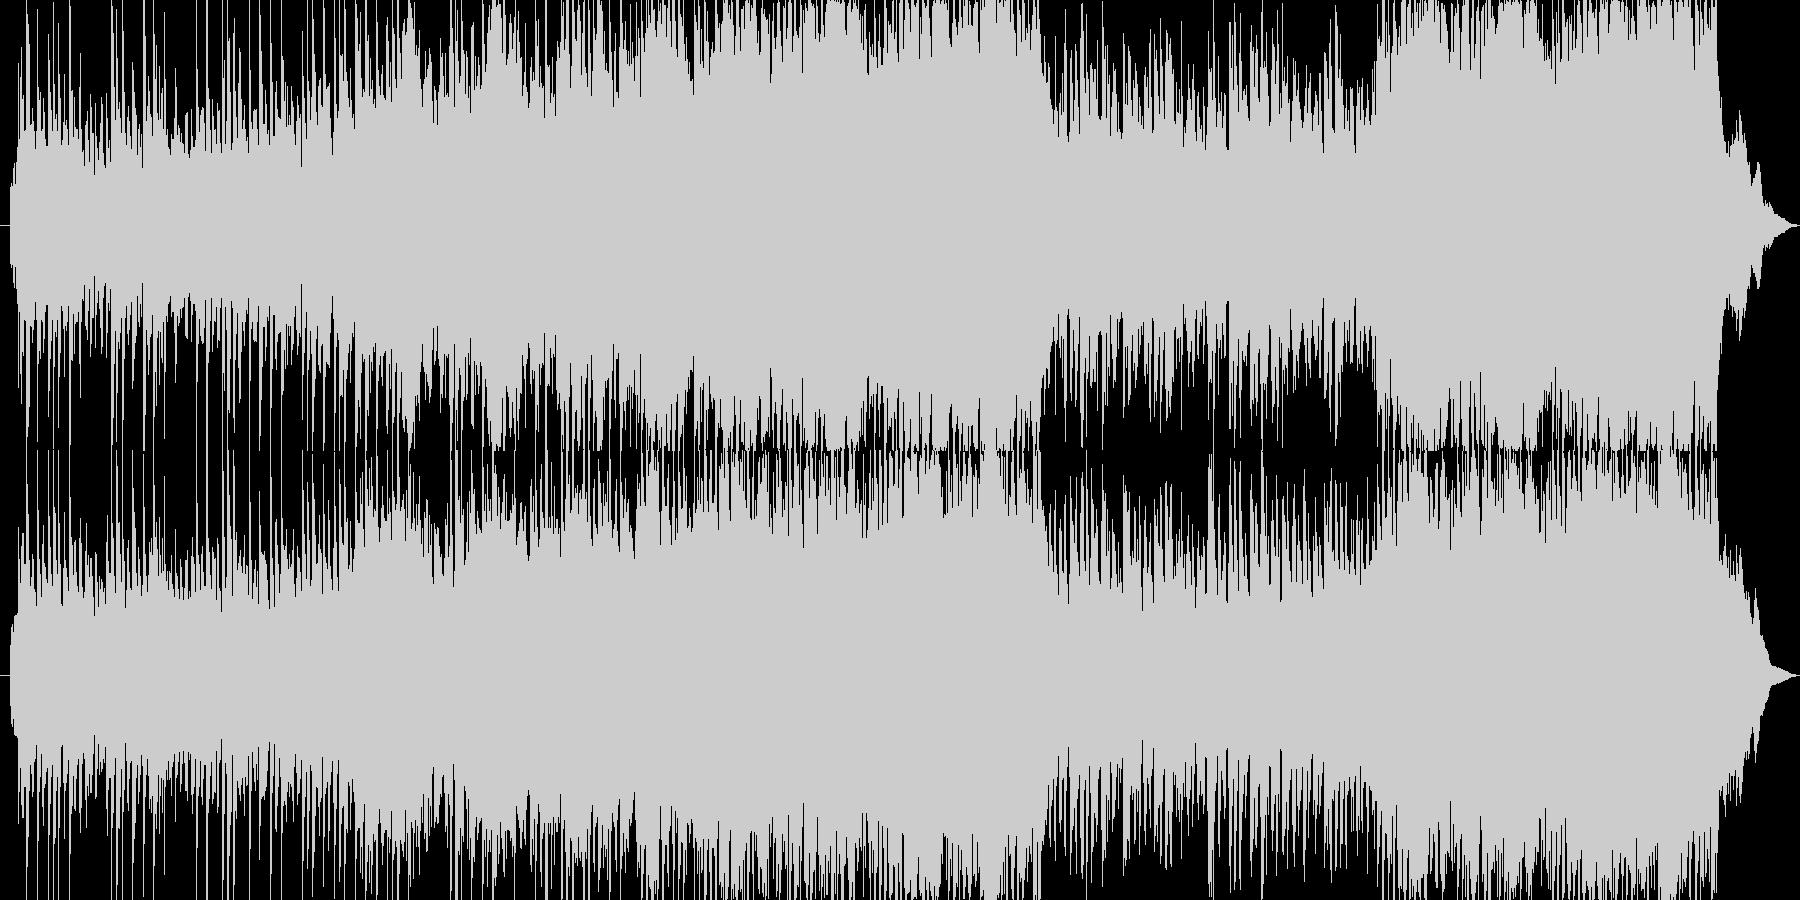 ティーン クラシック 交響曲 アン...の未再生の波形